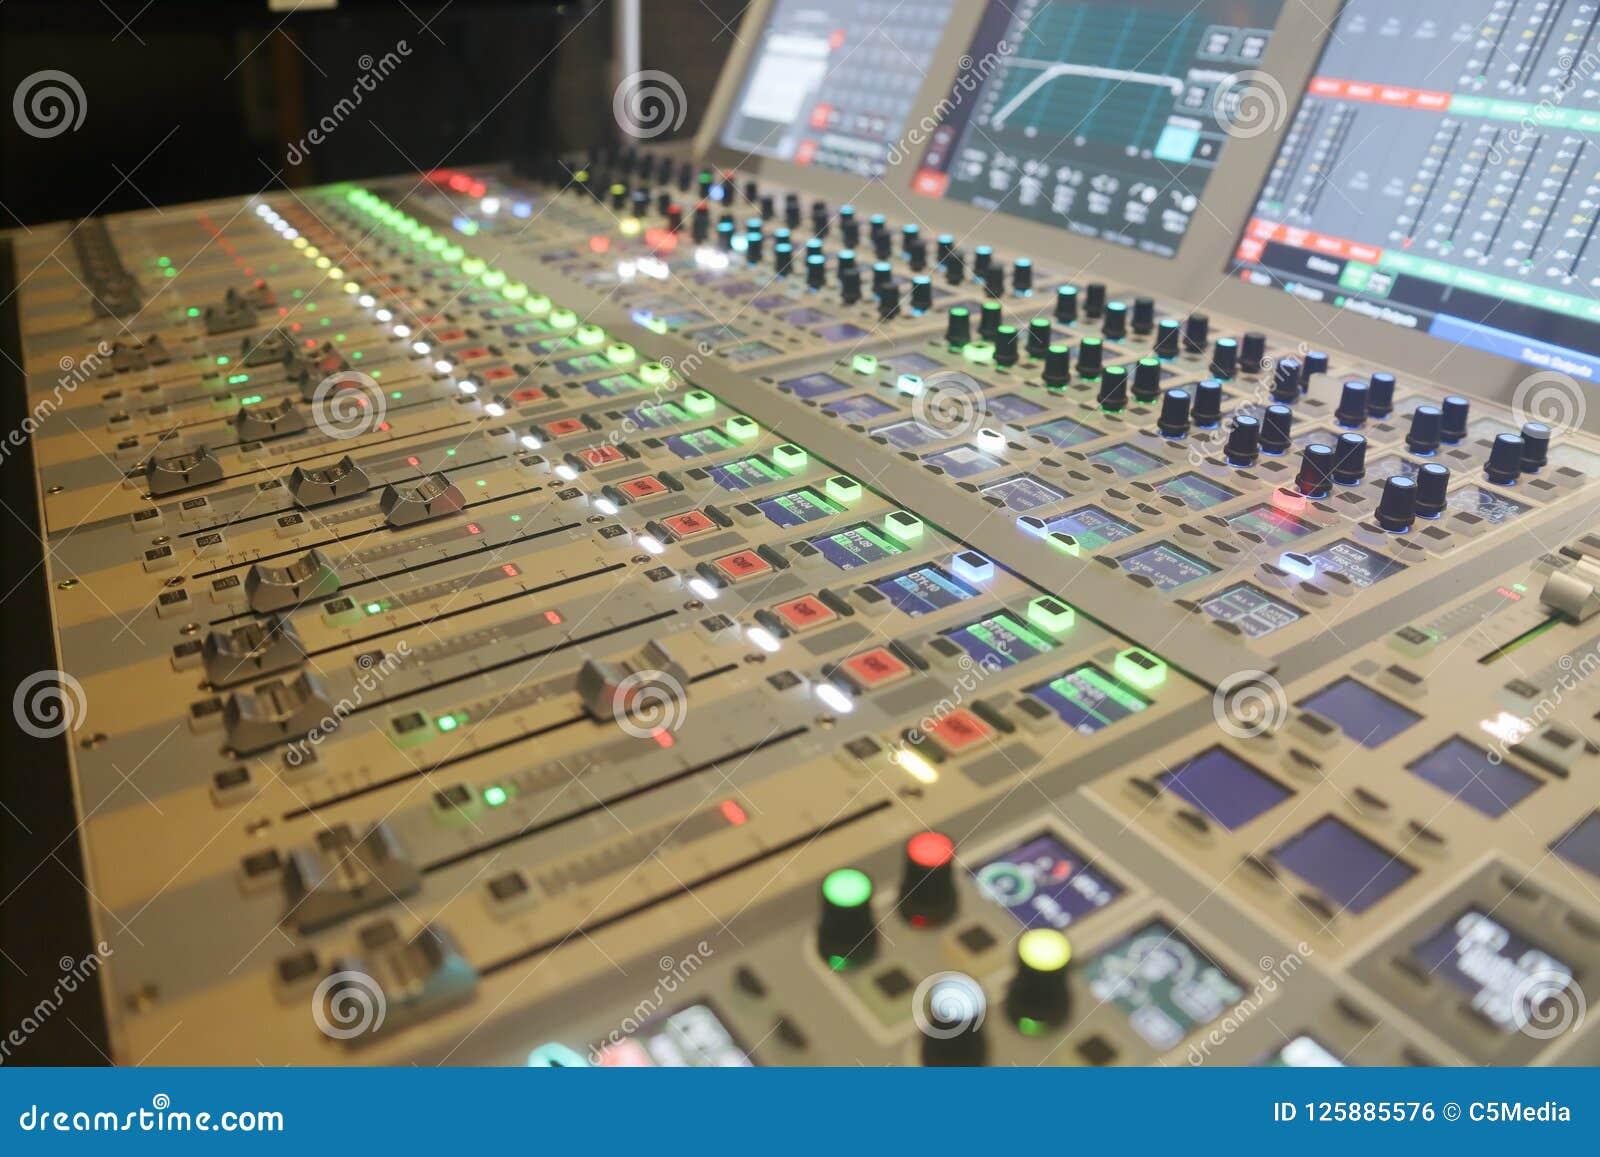 Placa sadia de Digitas usada para misturar o áudio